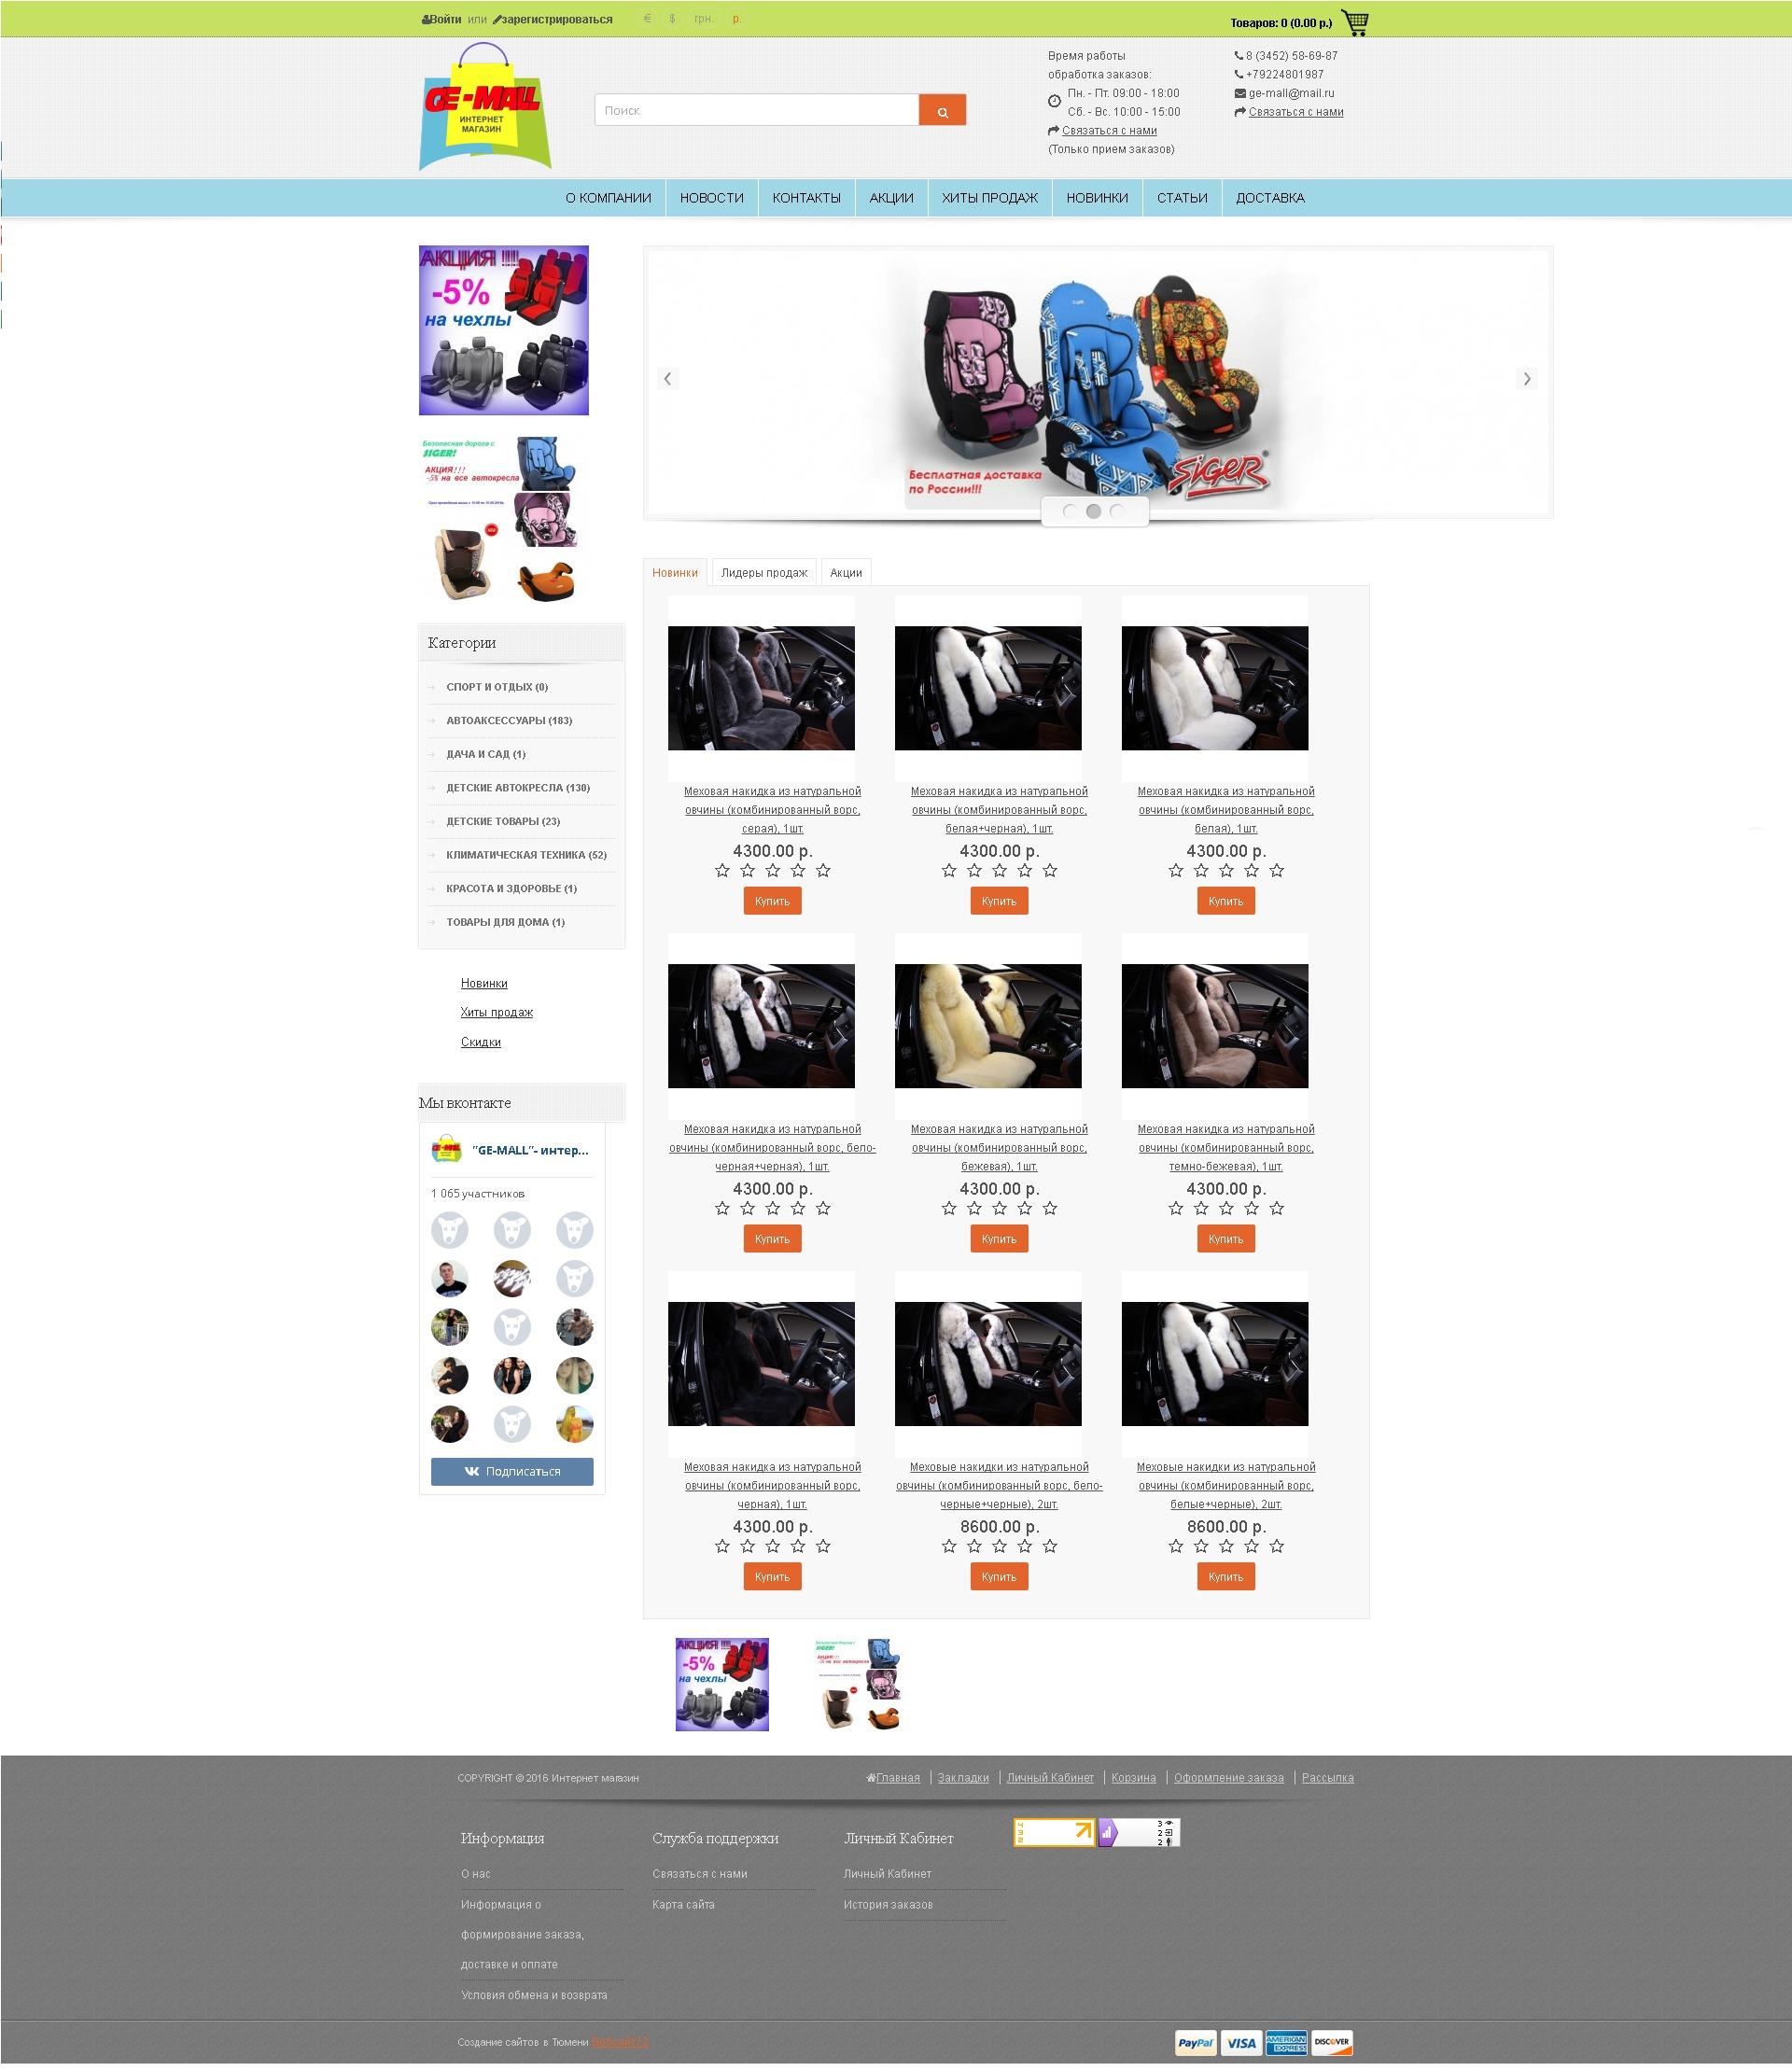 188-Интернет-маркетдоступныхцен